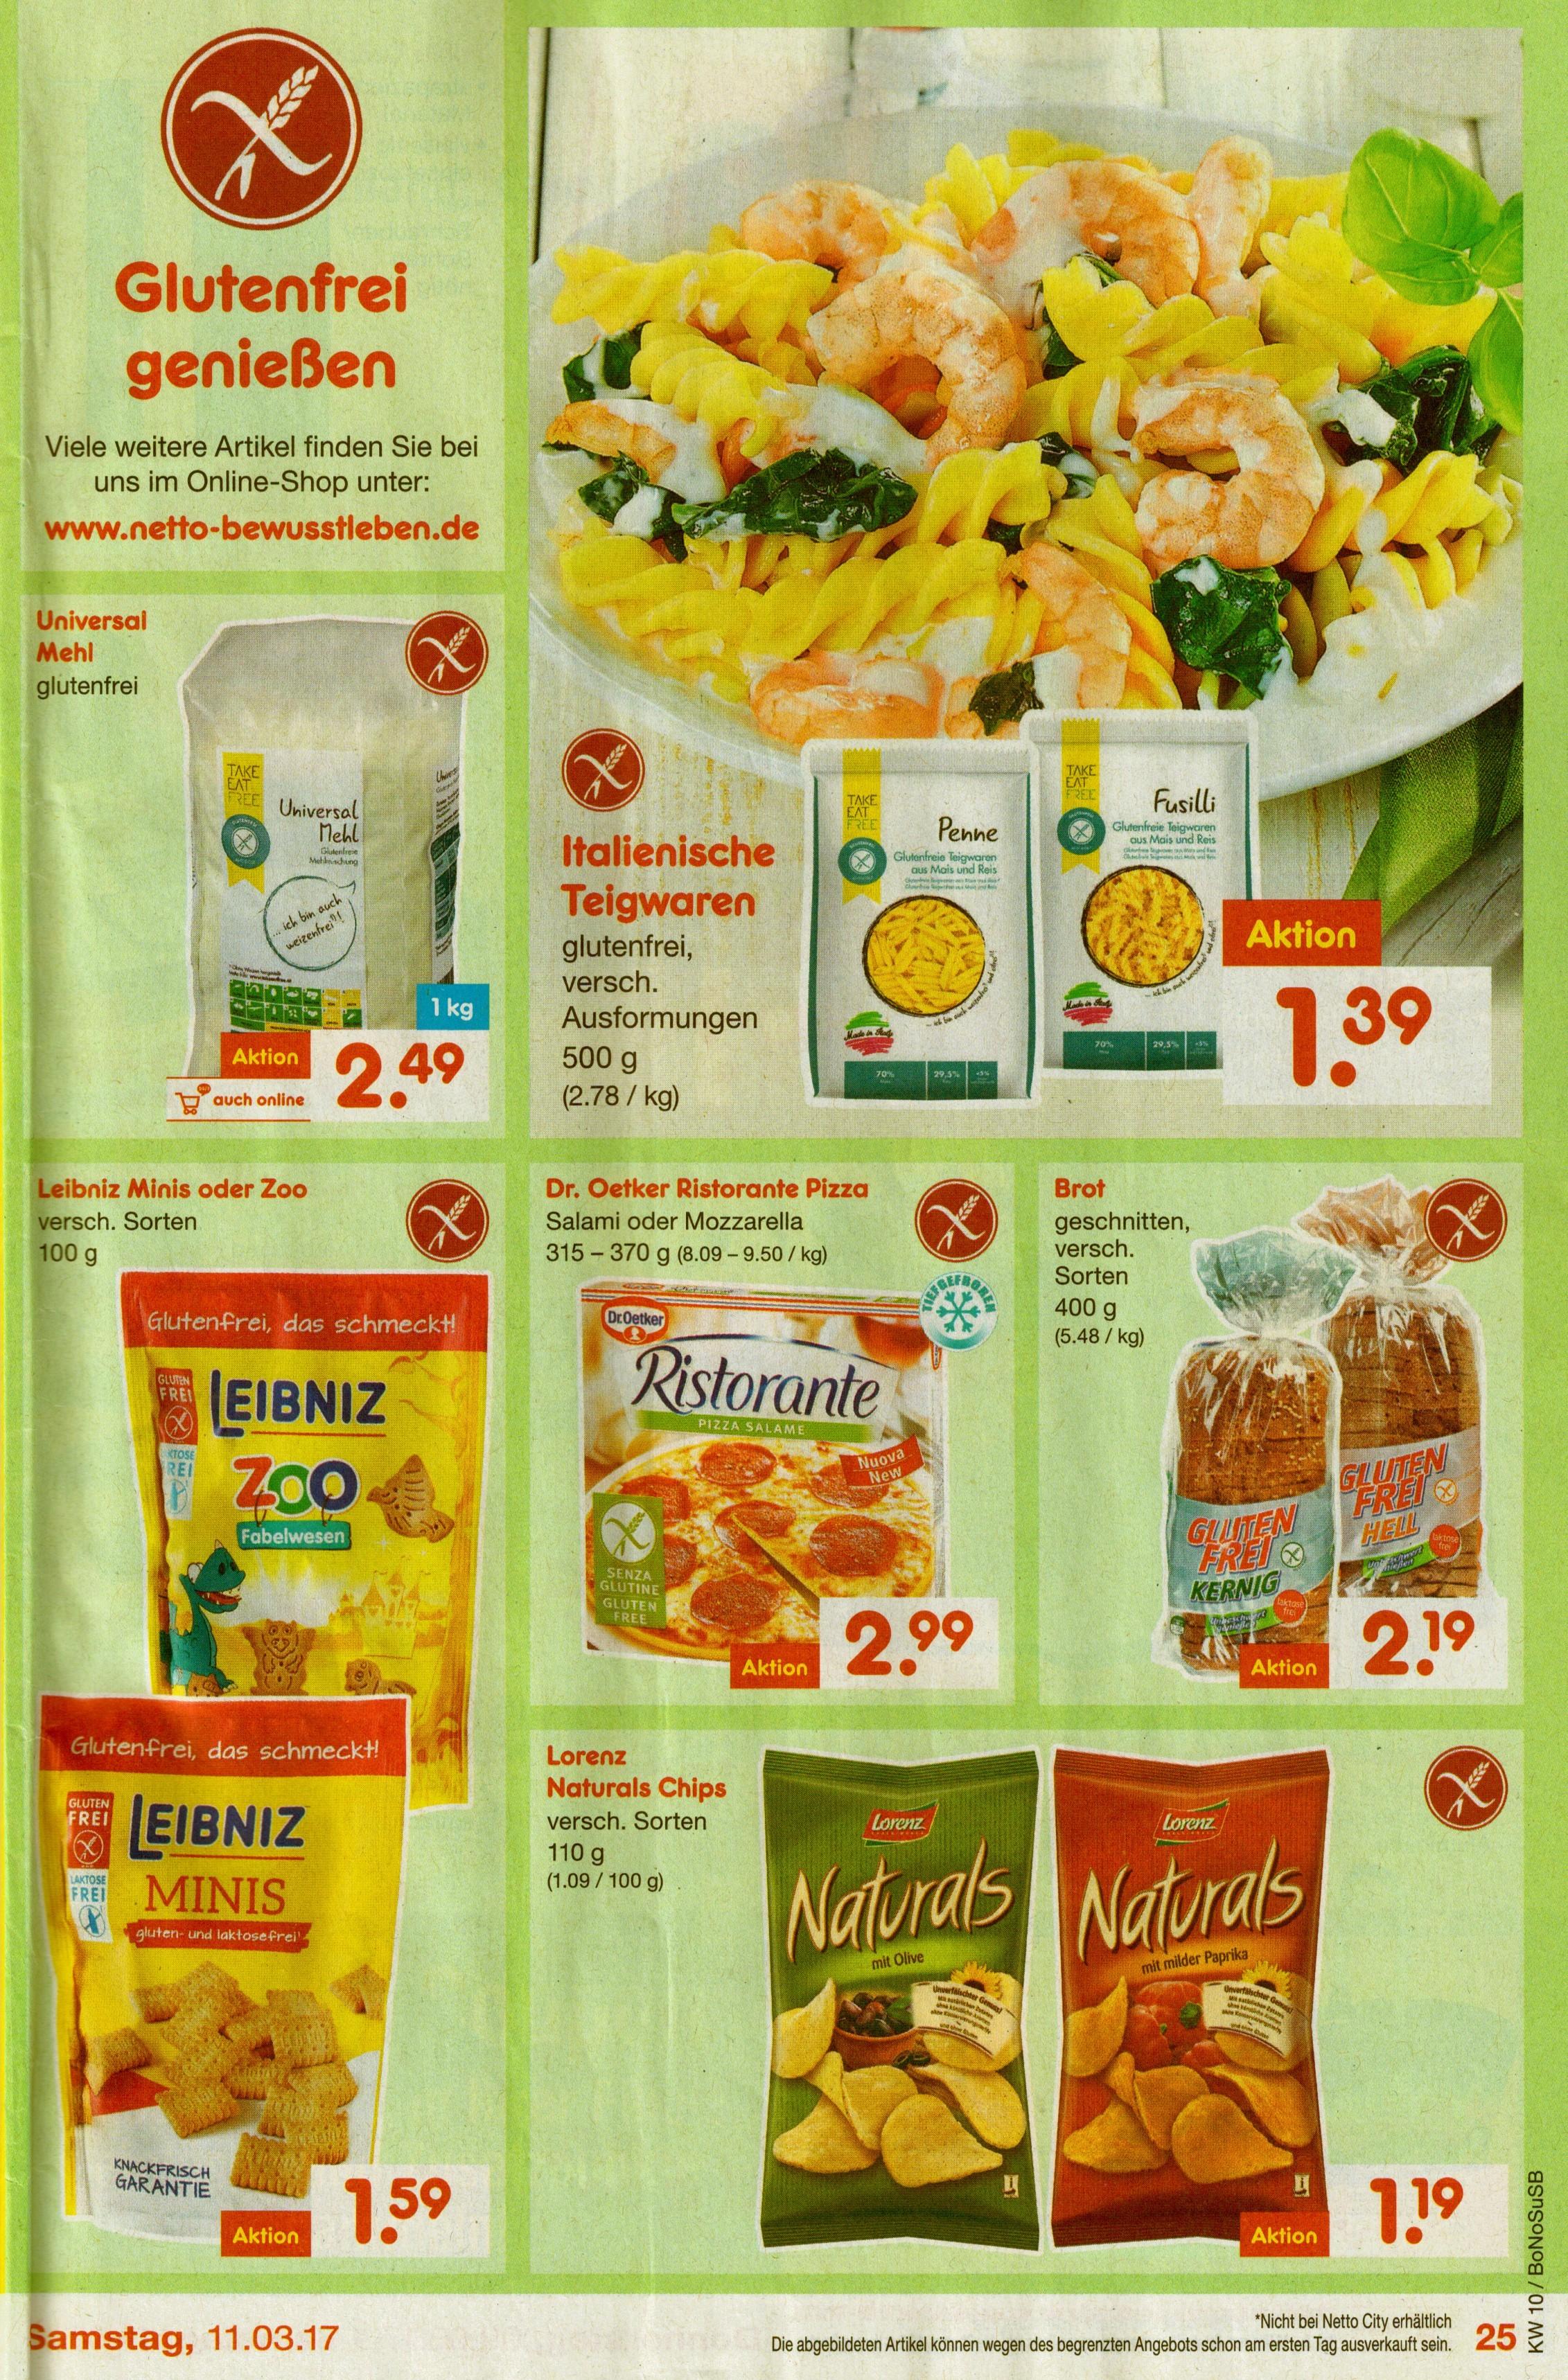 [glutenfrei] Netto - glutenfreie Produkte im Angebot und Onlineshop